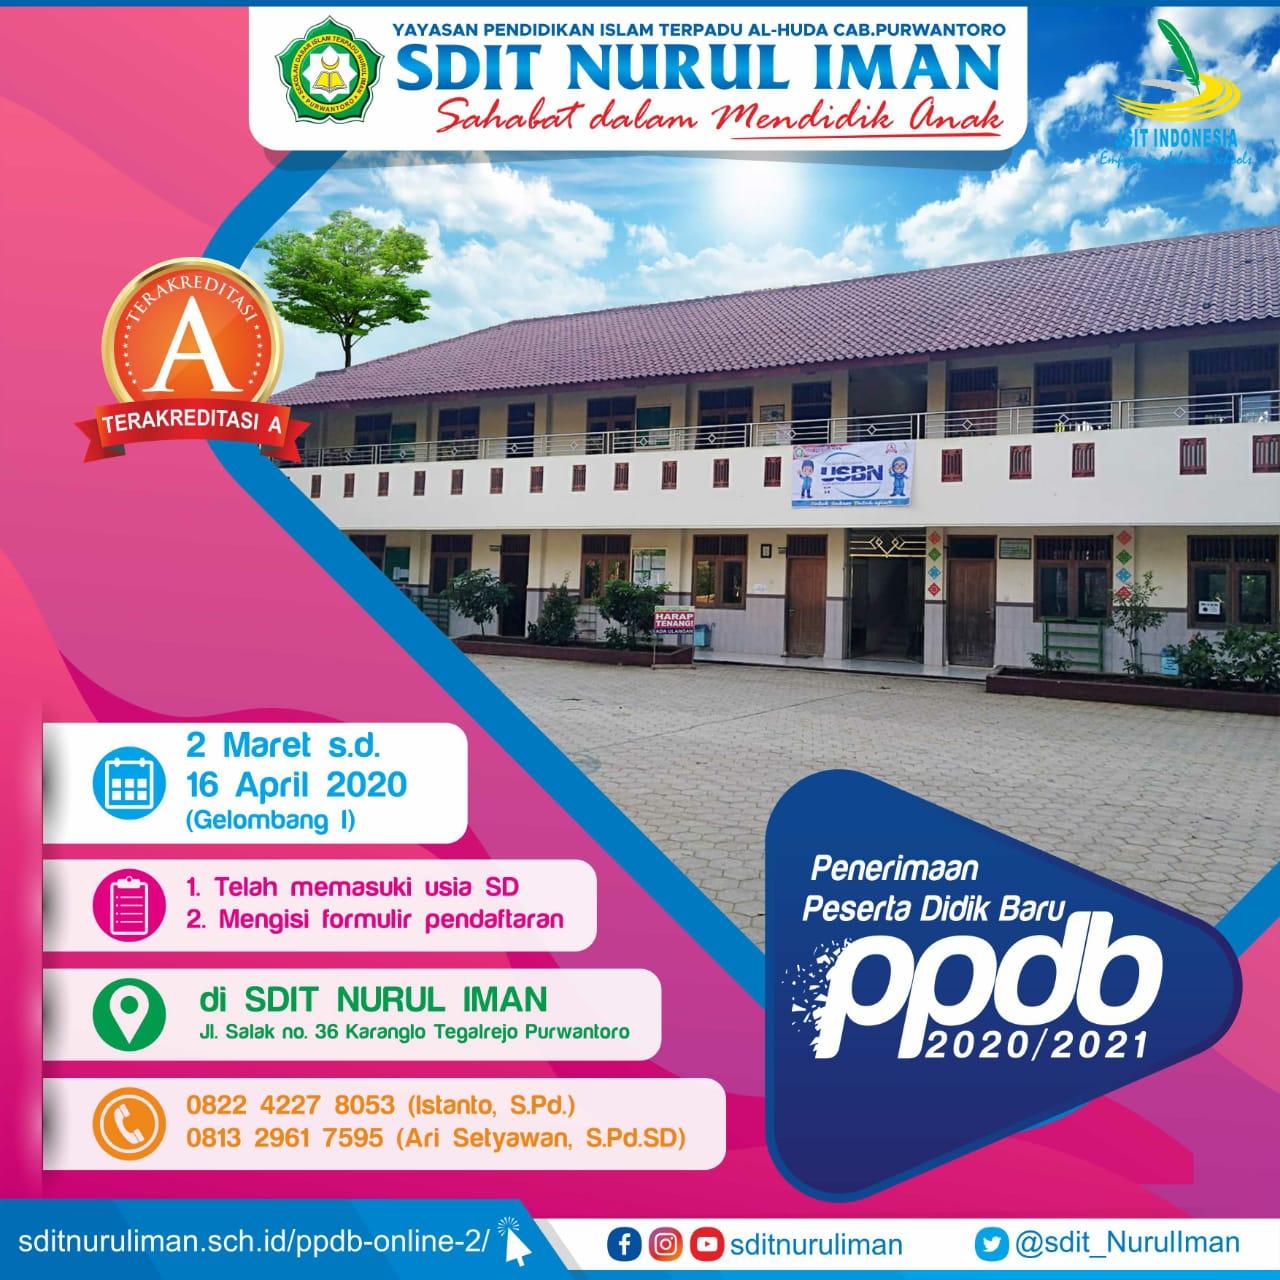 Ayo sekolah di SDIT Nurul Iman Purwantoro